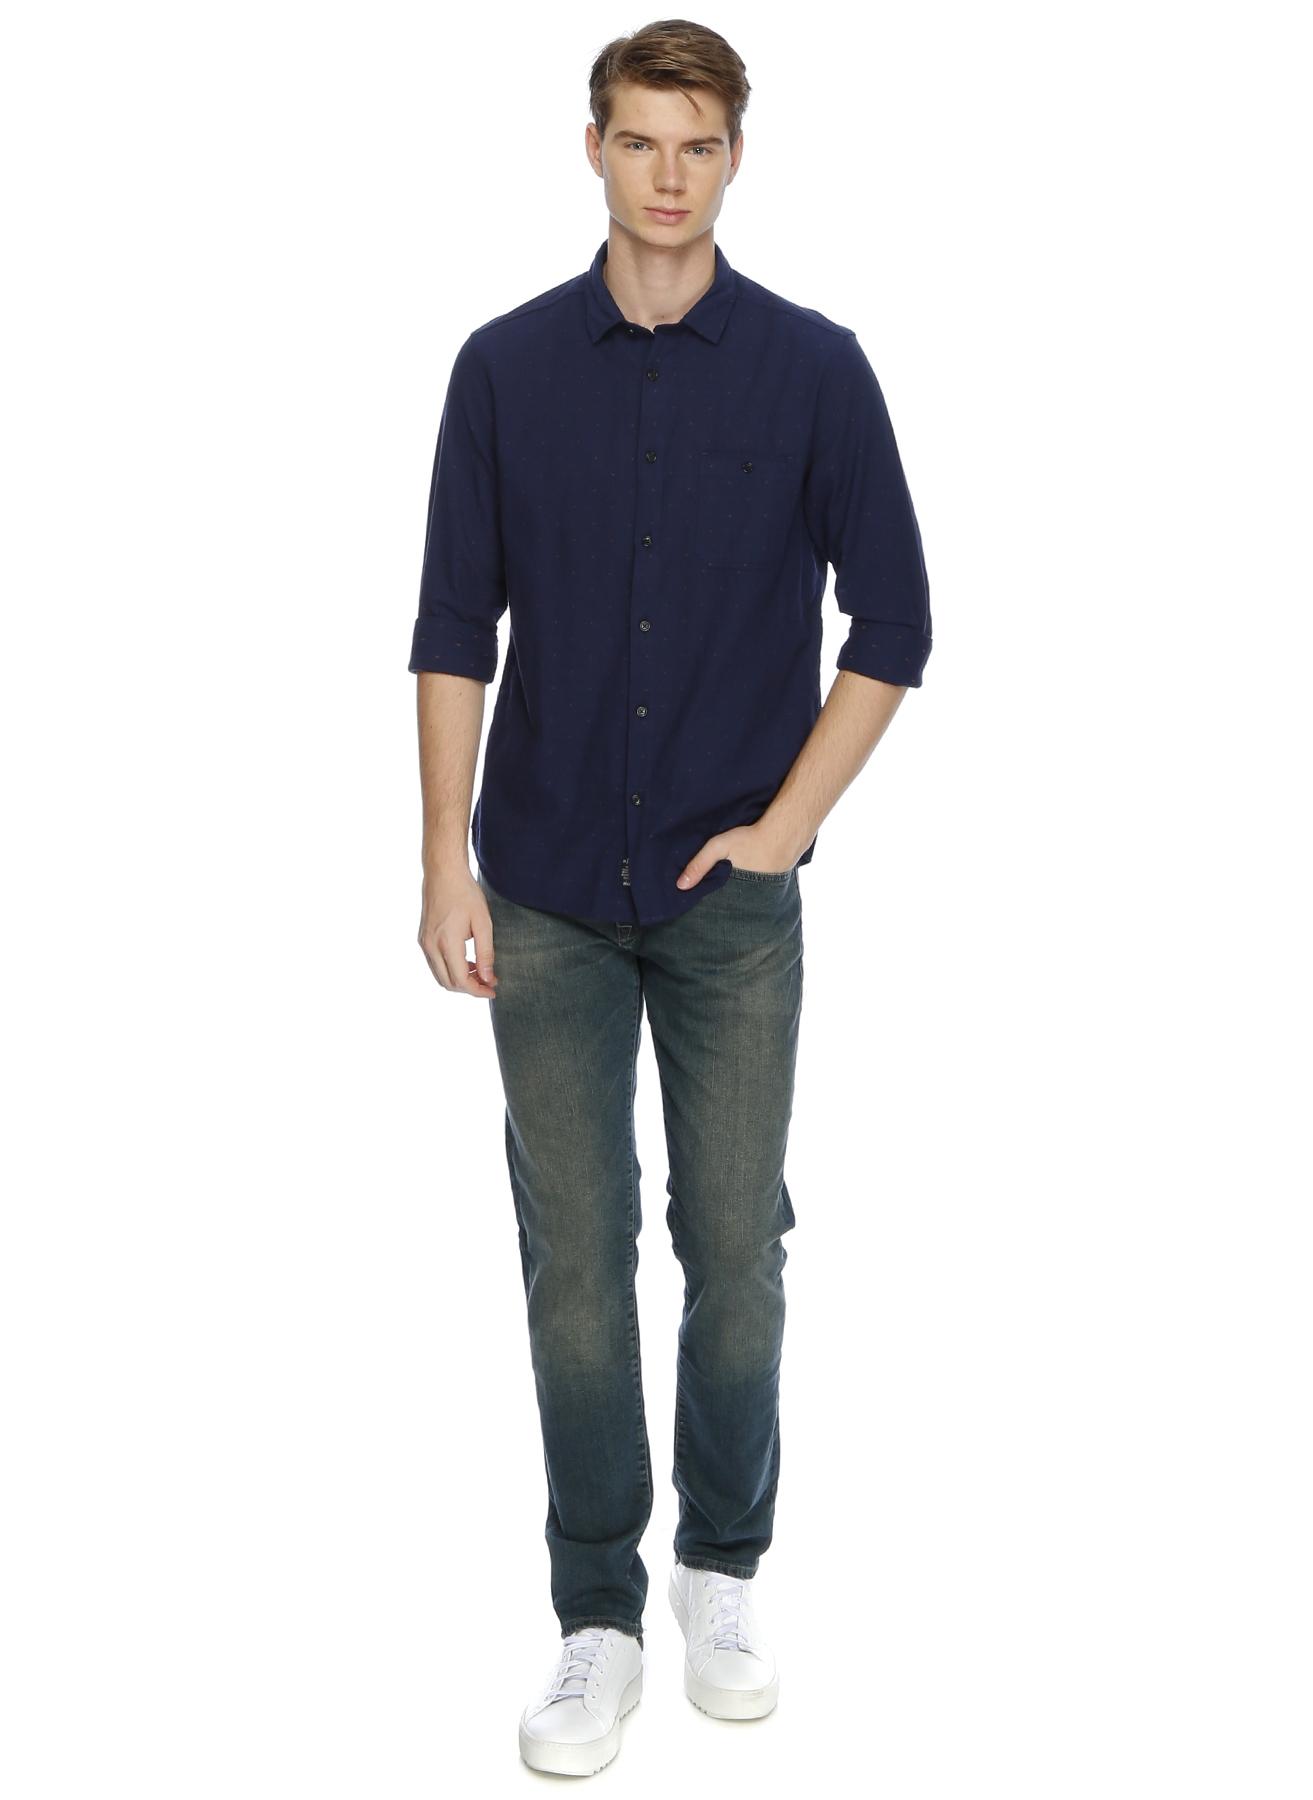 Mavi Denim Pantolon 32-34 5000162861018 Ürün Resmi